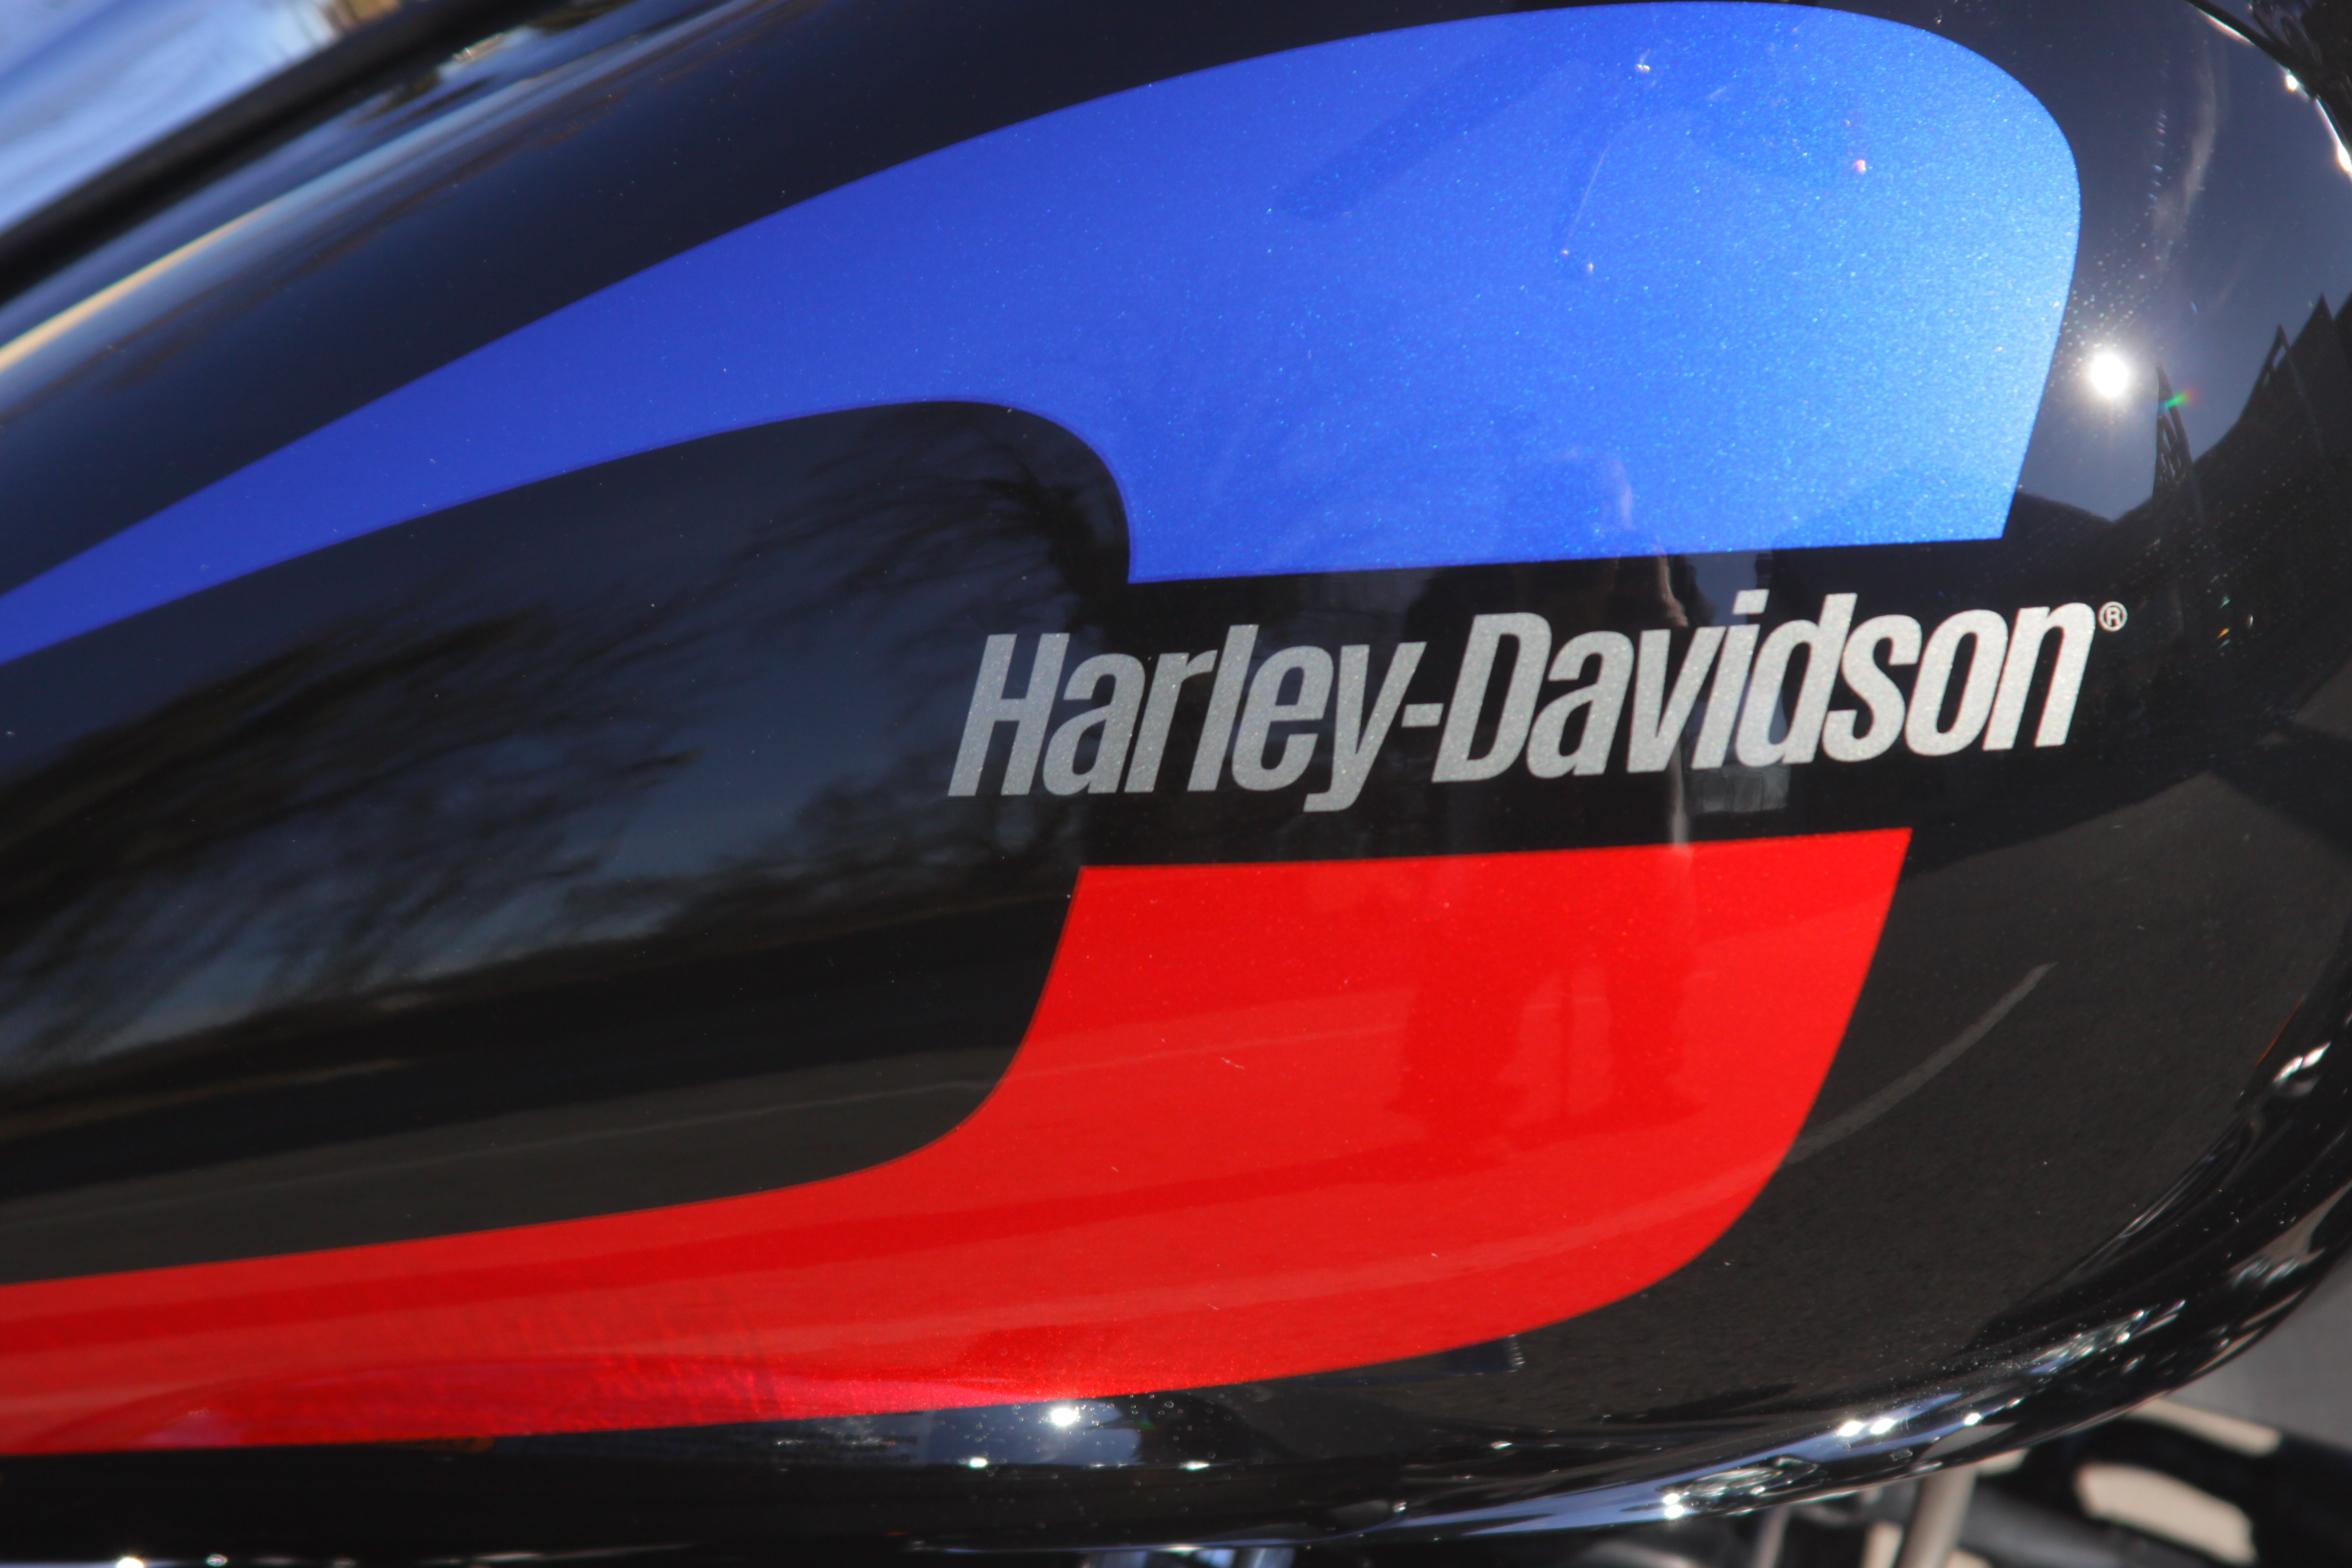 New 2020 Harley-Davidson Low Rider